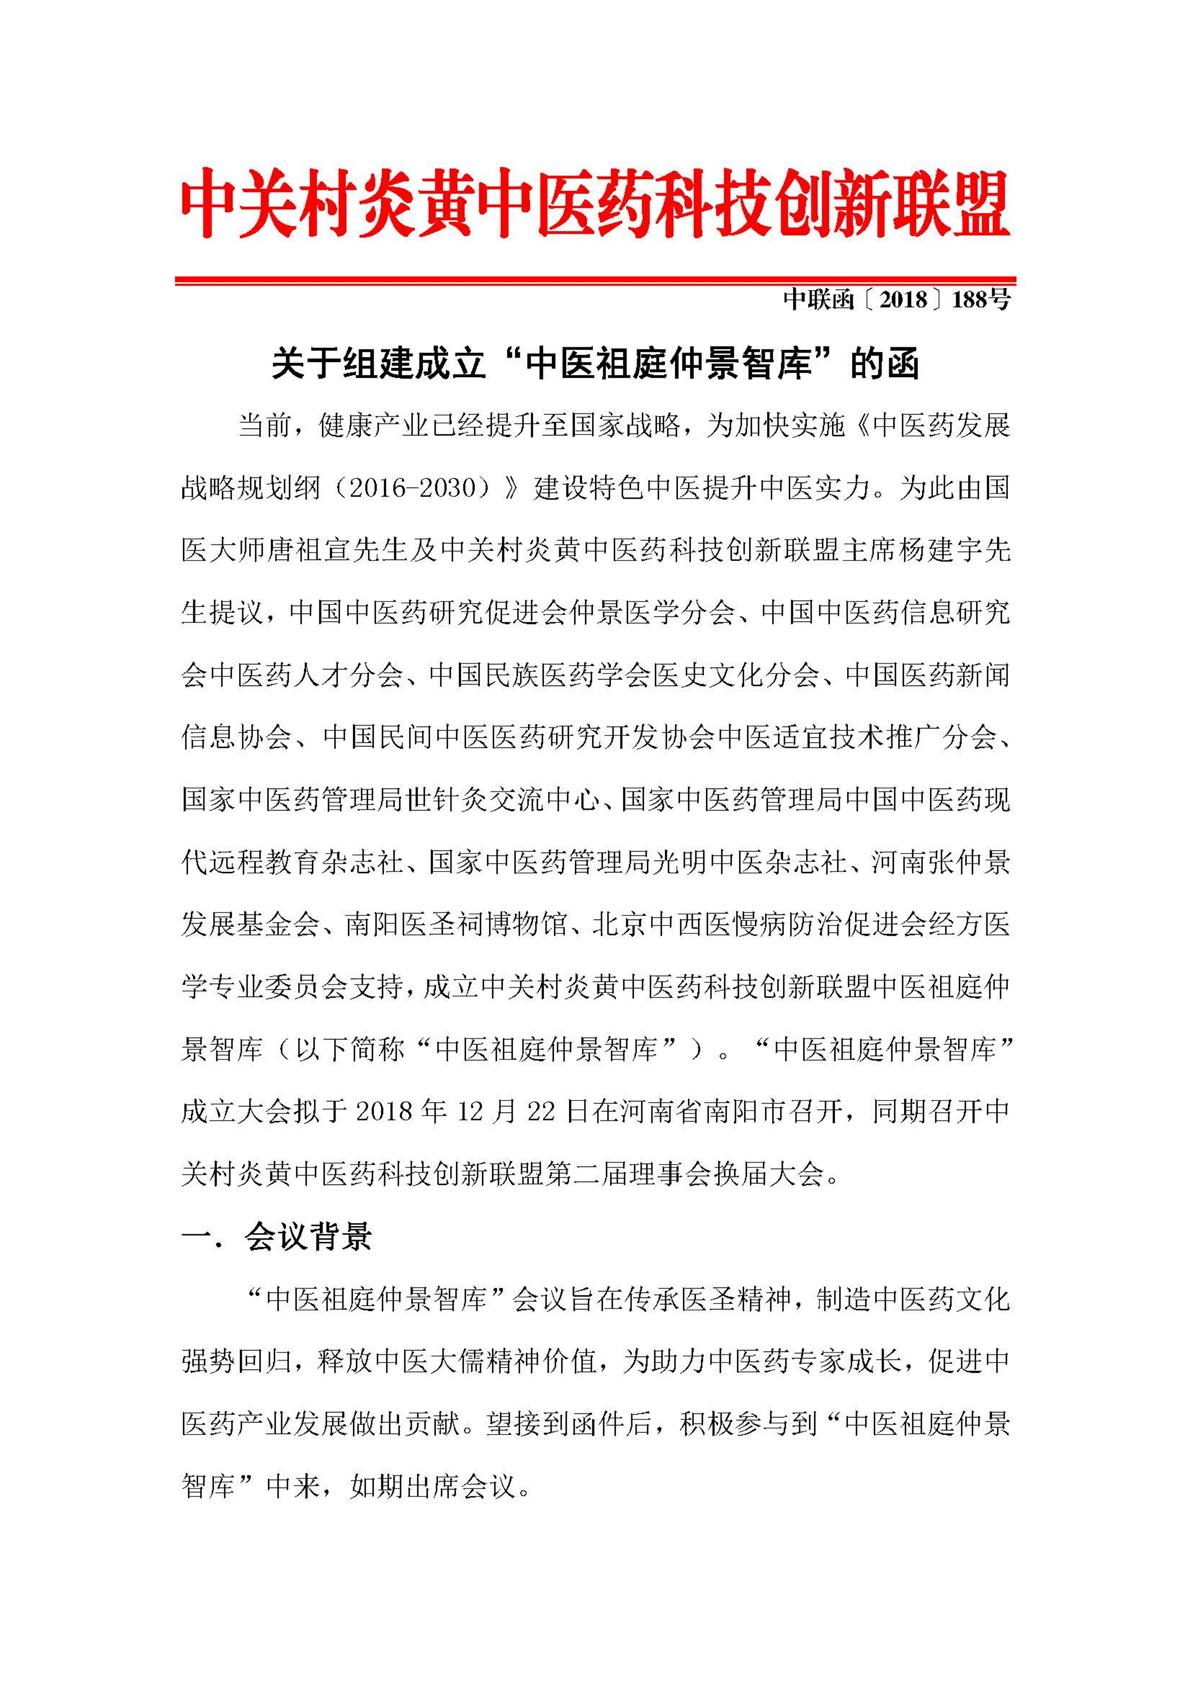 关于成立中医祖庭智库的函(JPG)_00.png